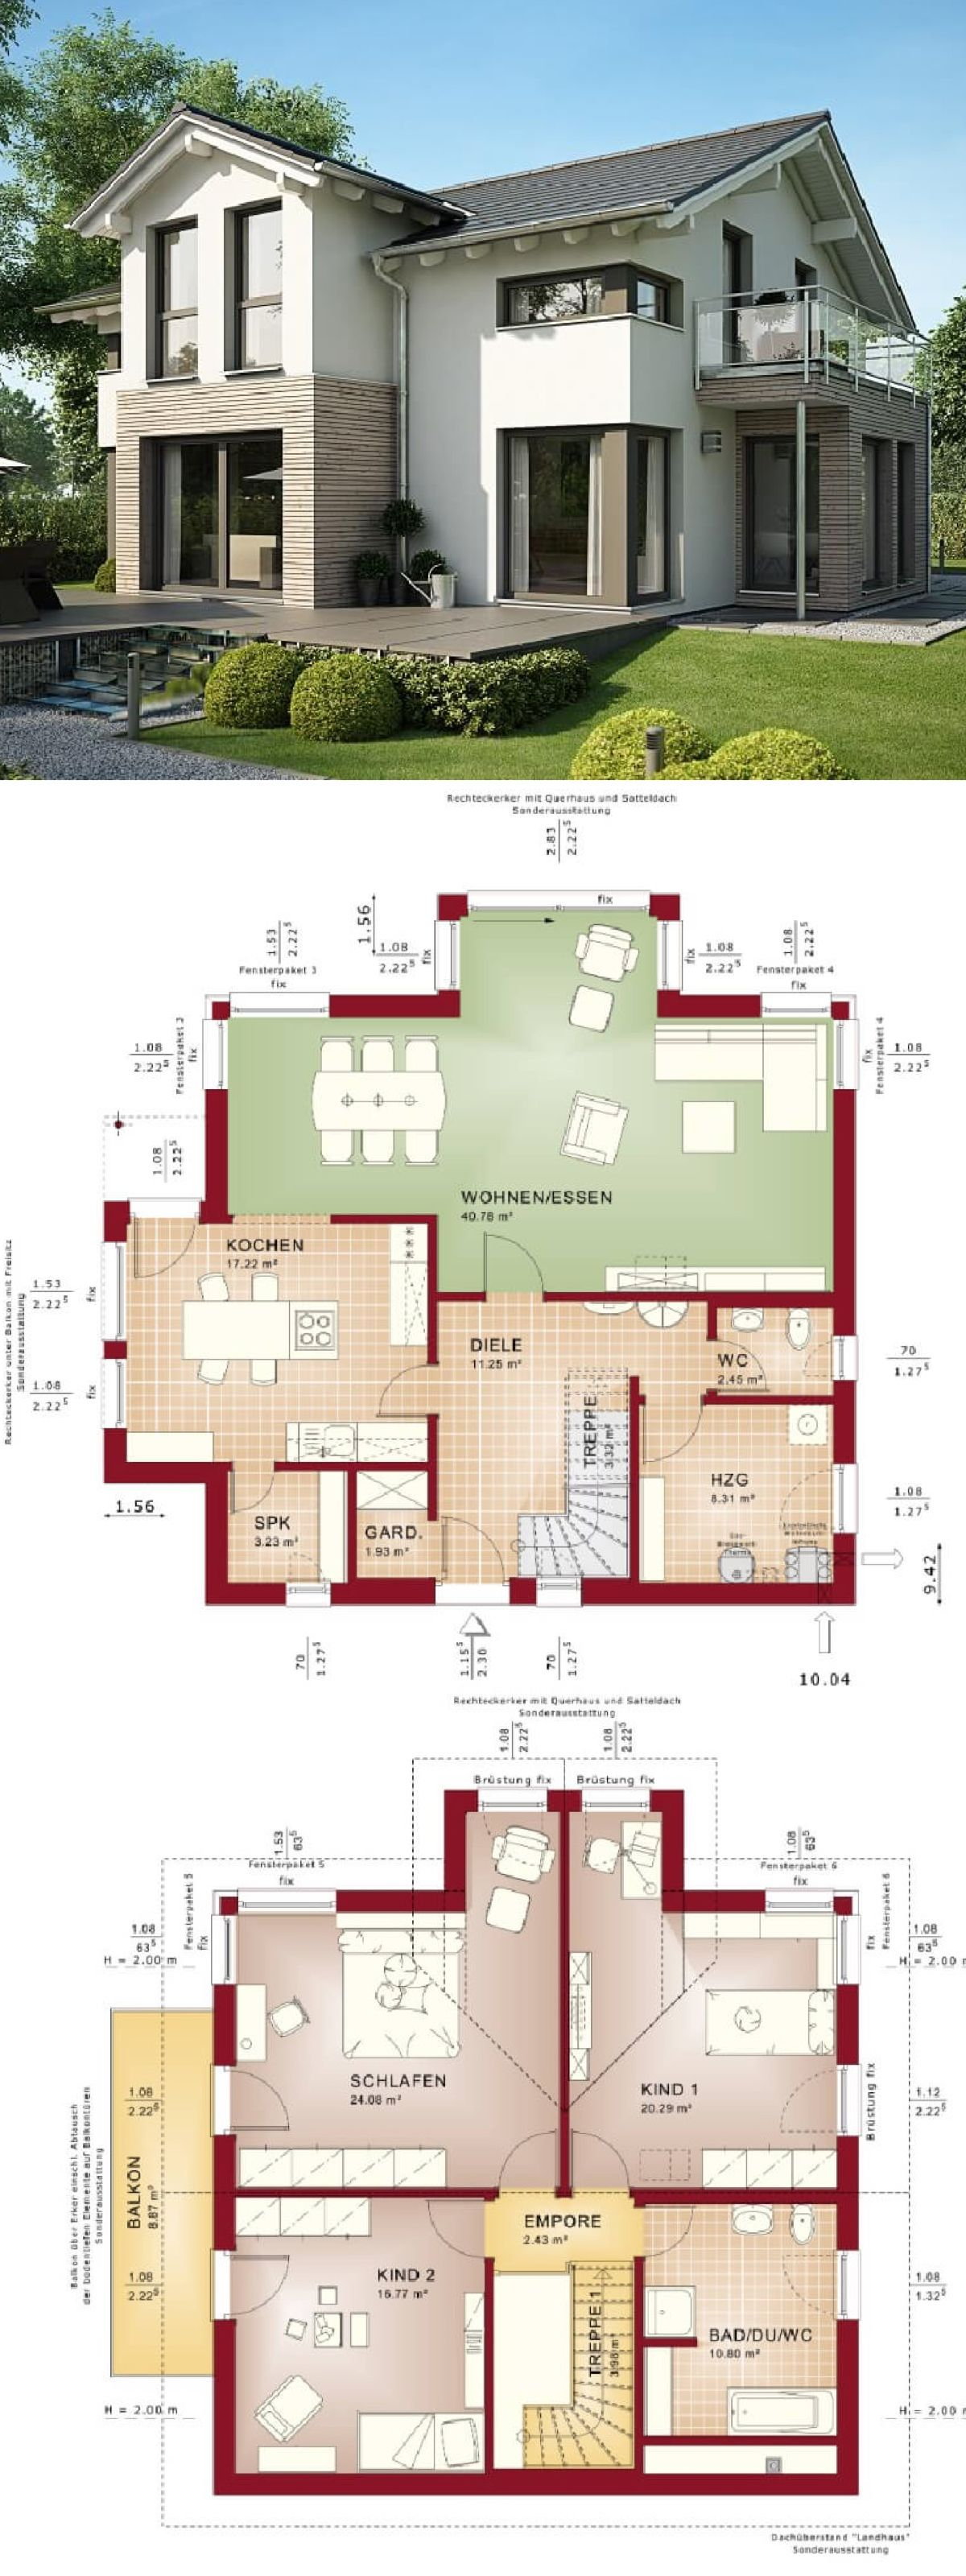 Satteldach Haus Modern Mit Quergiebel U0026 Holz / Putz Fassade   Einfamilienhaus  Bauen Grundriss Fertighaus Evolution